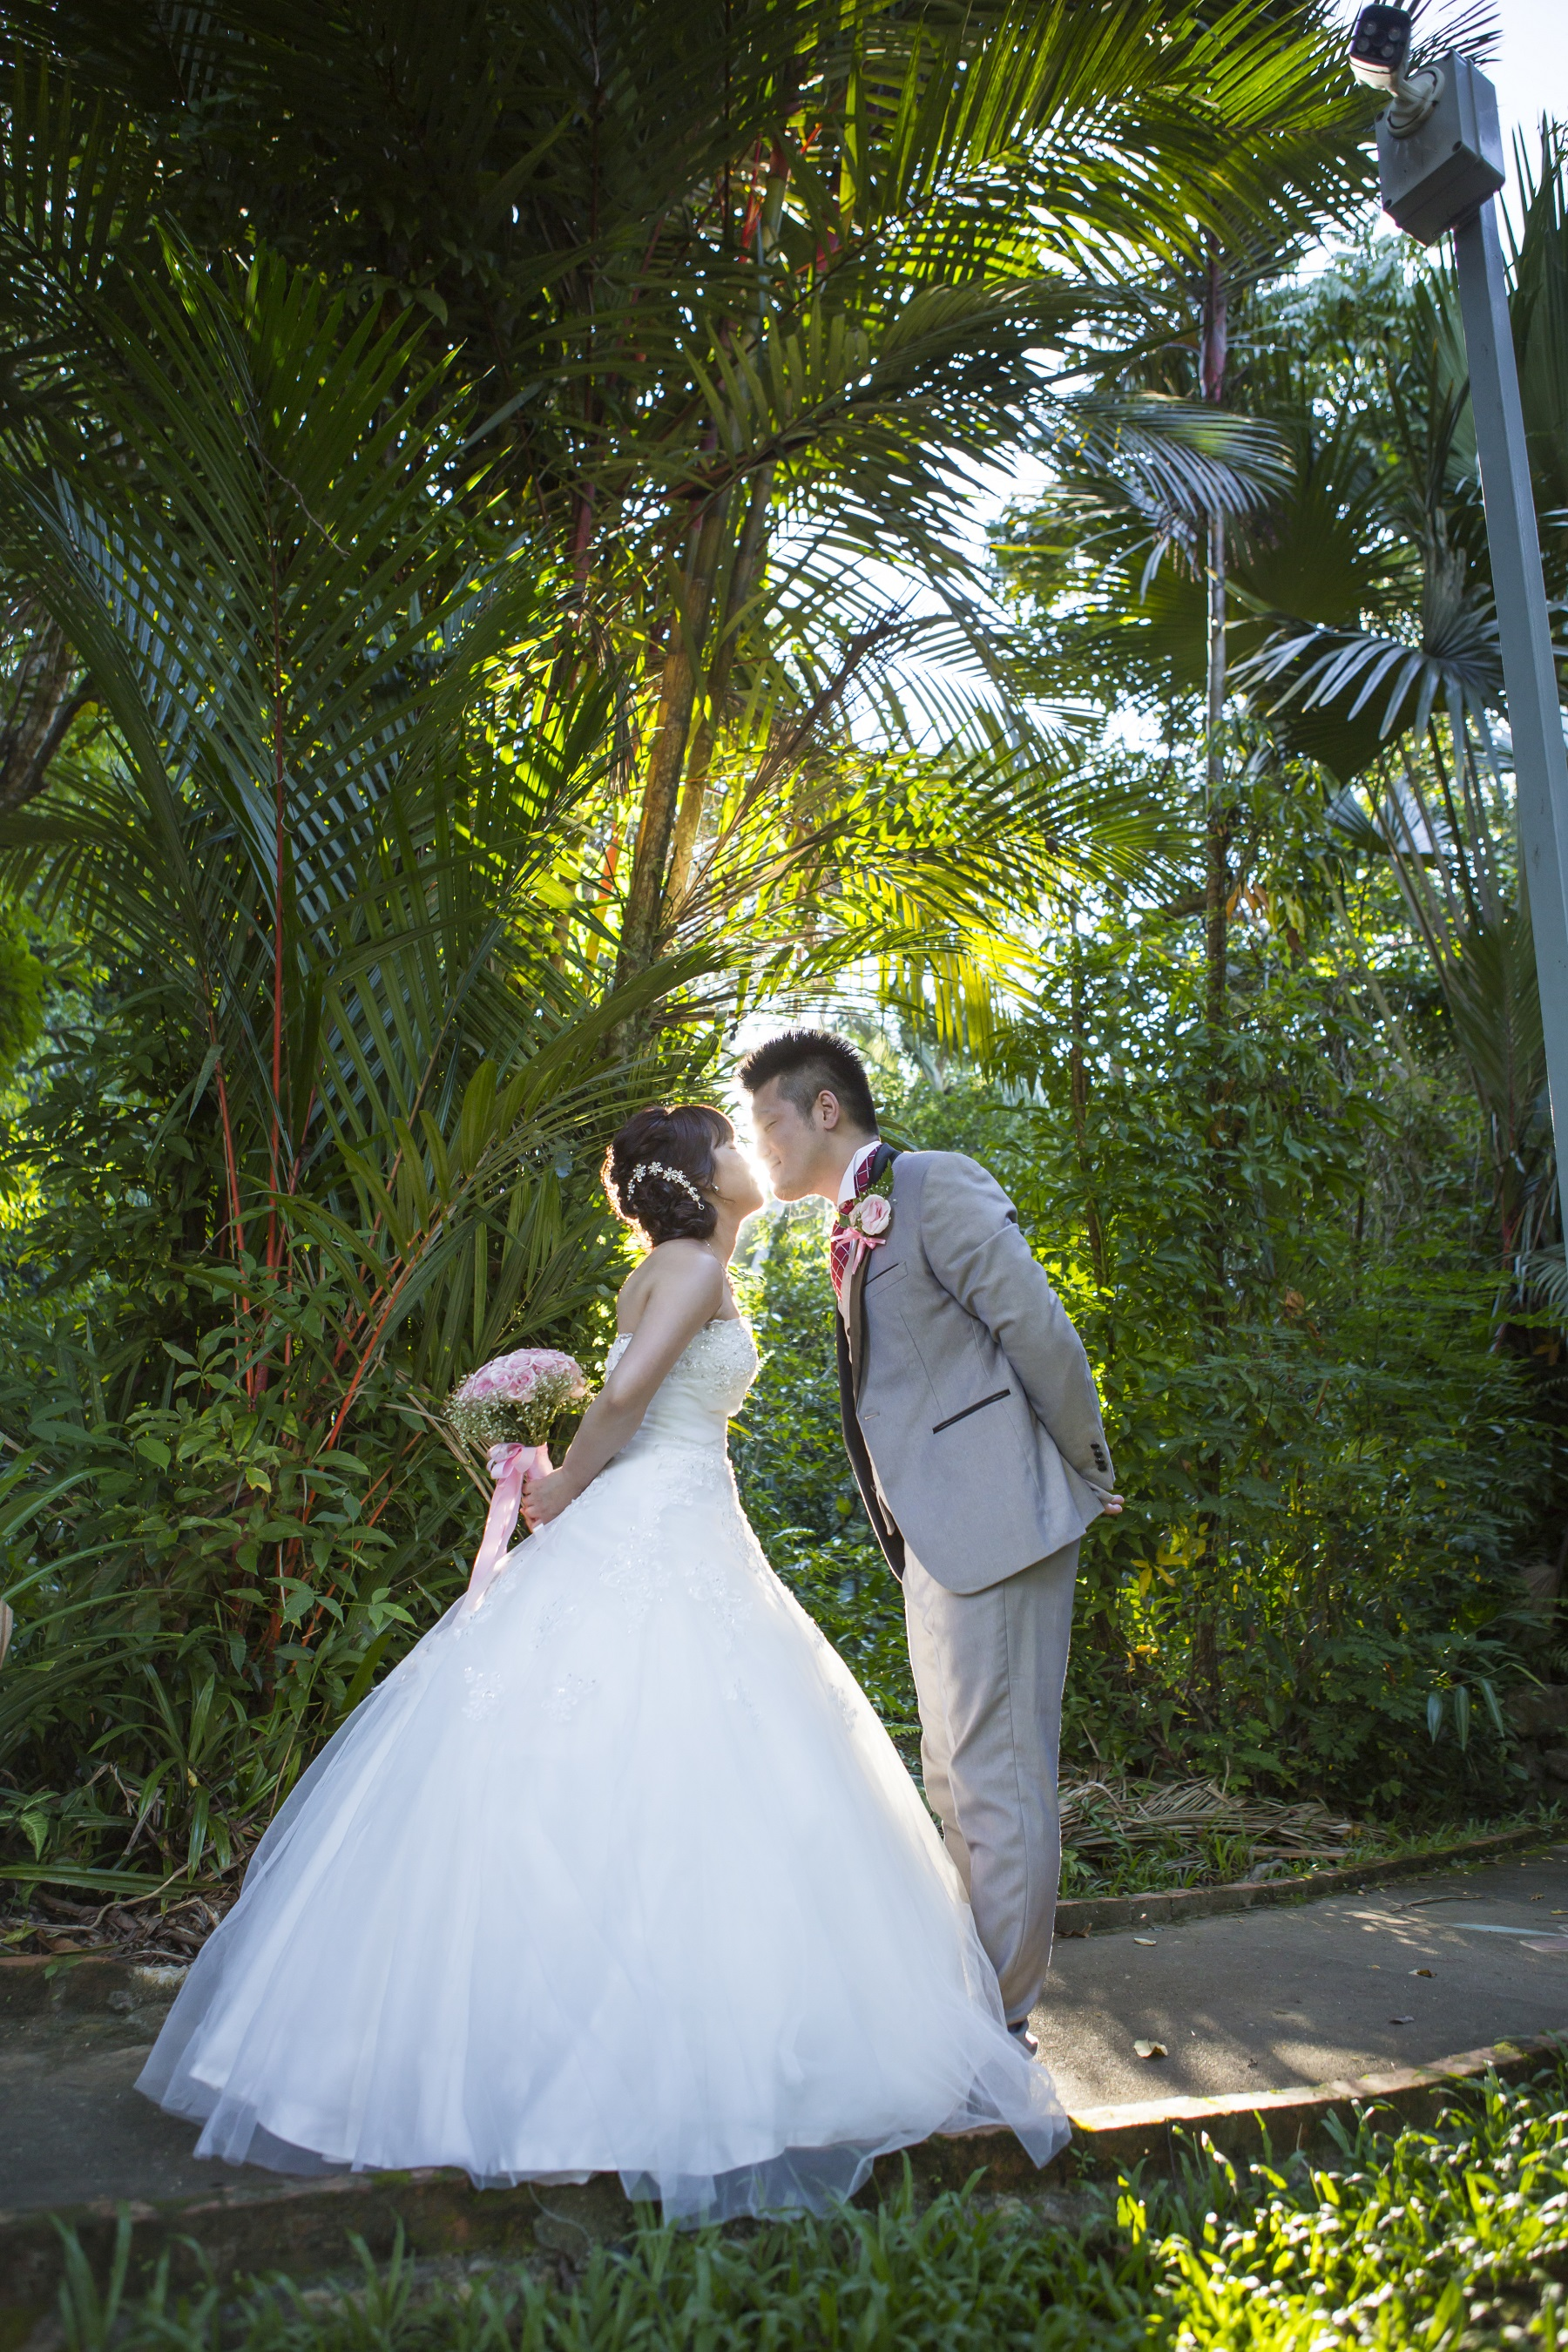 malaysia wedding borneo island kota kinabalu prewedding photoshooting resort resort wedding